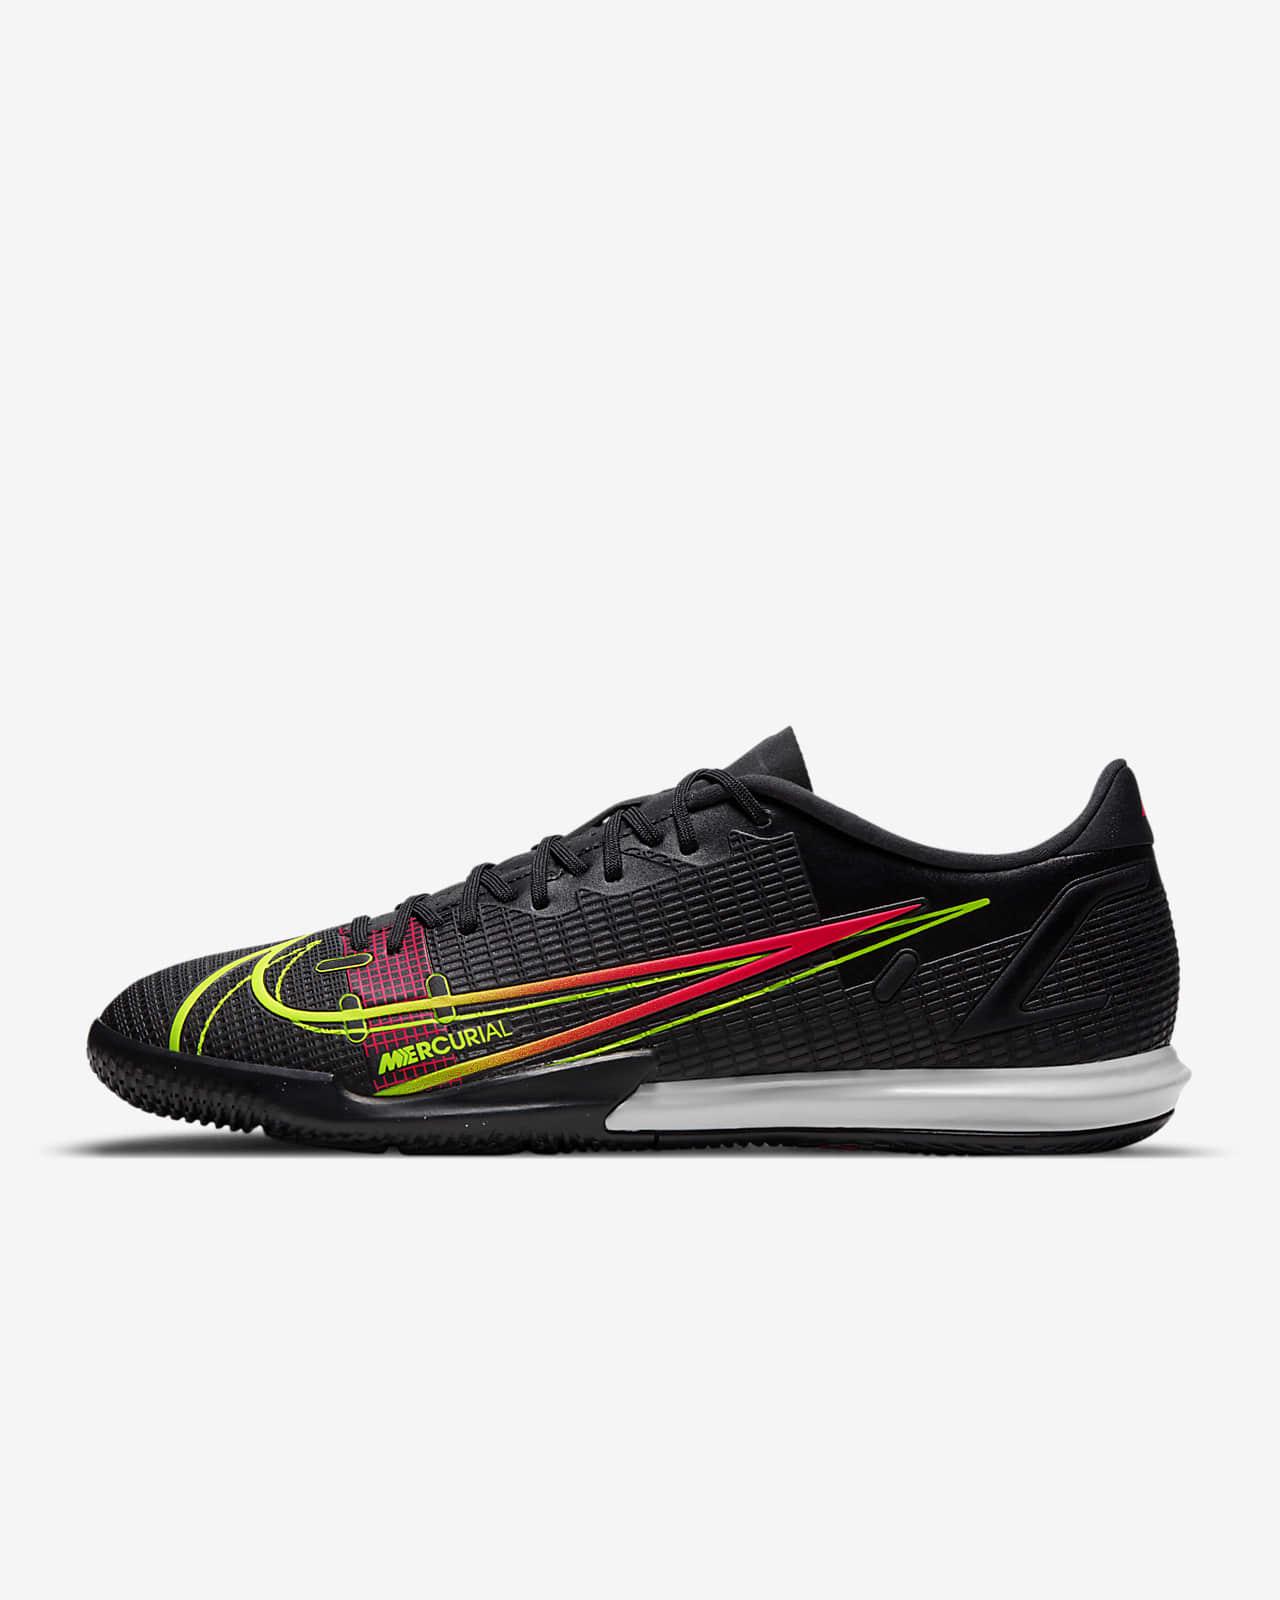 Nike Mercurial Vapor 14 Academy IC Indoor/Court Soccer Shoe